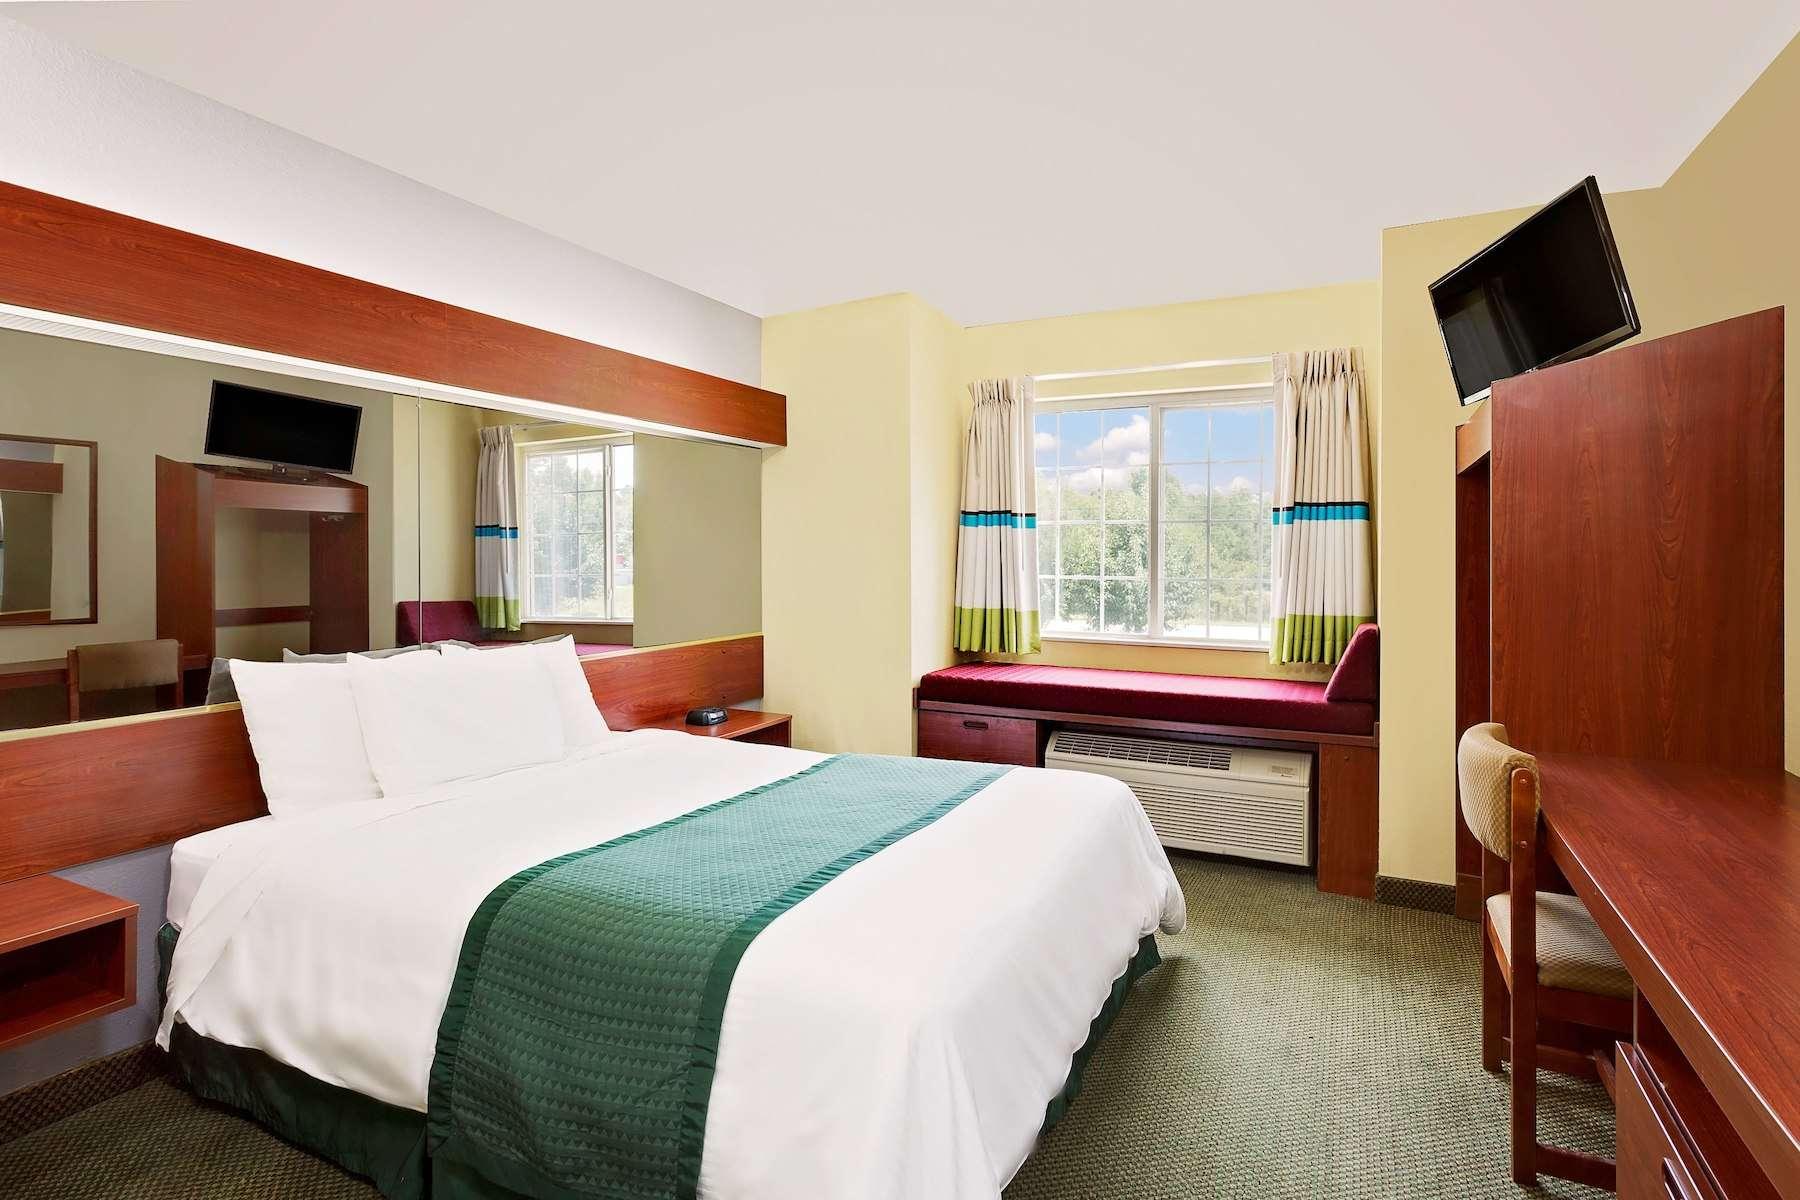 29214_guest_room_7.jpg